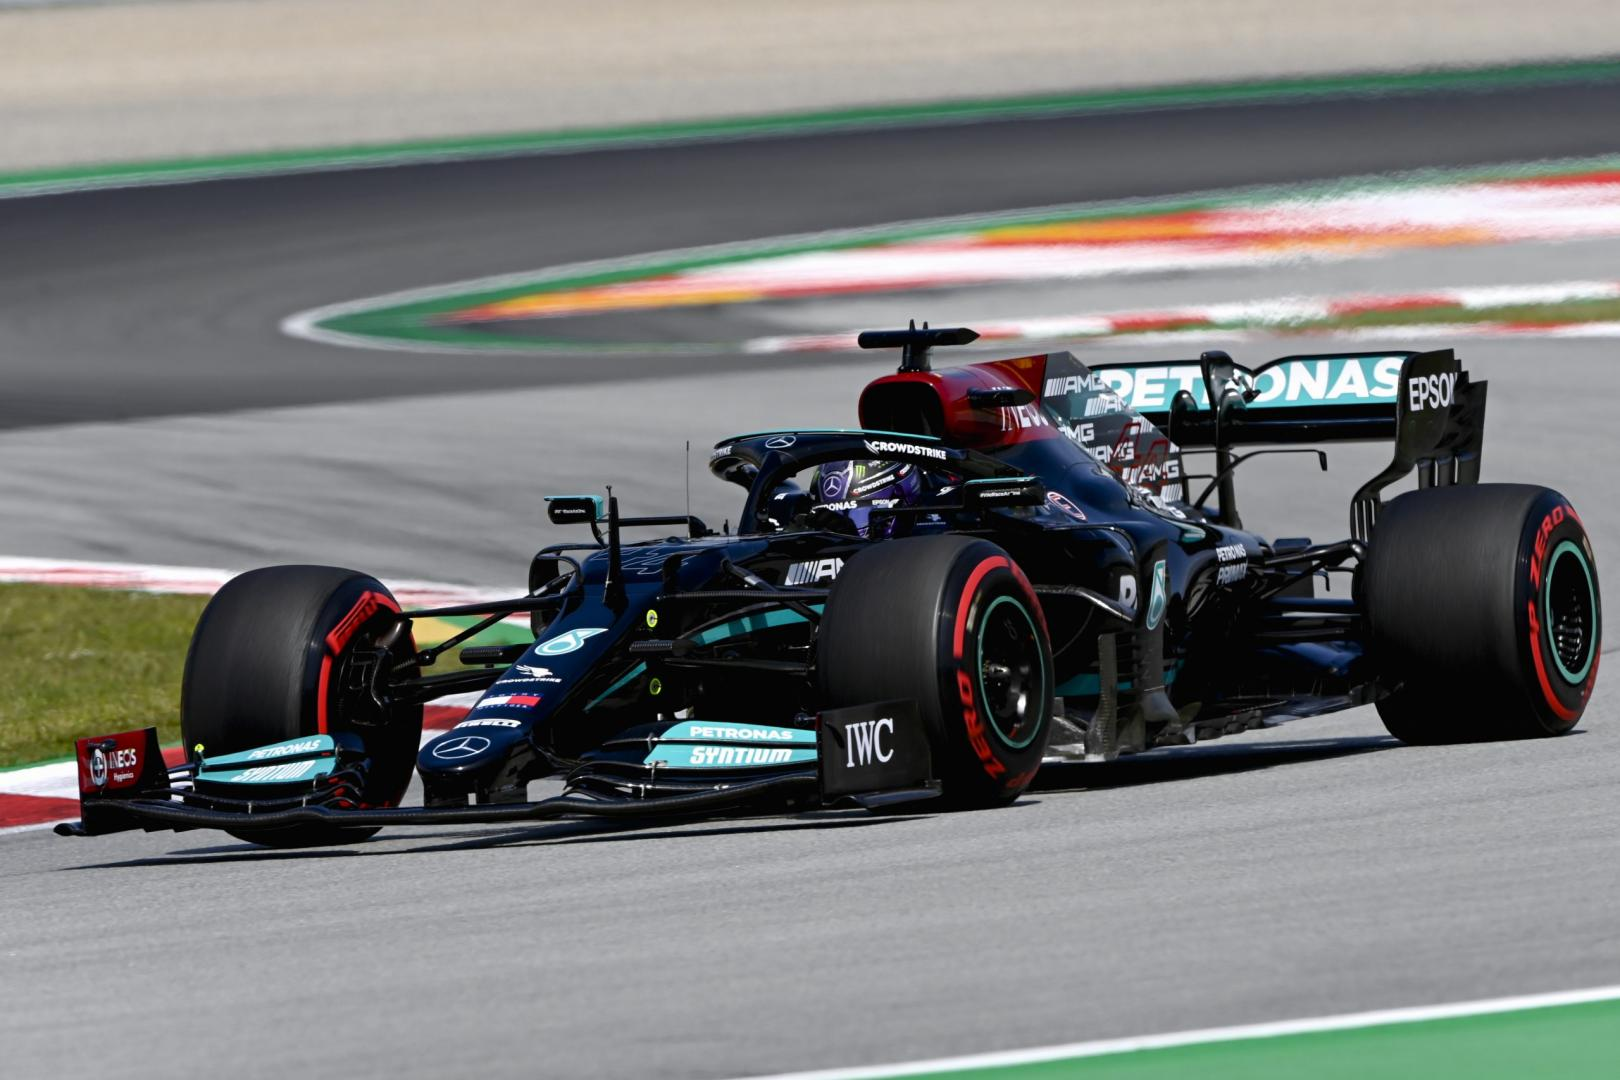 Kwalificatie van de GP van Spanje 2021